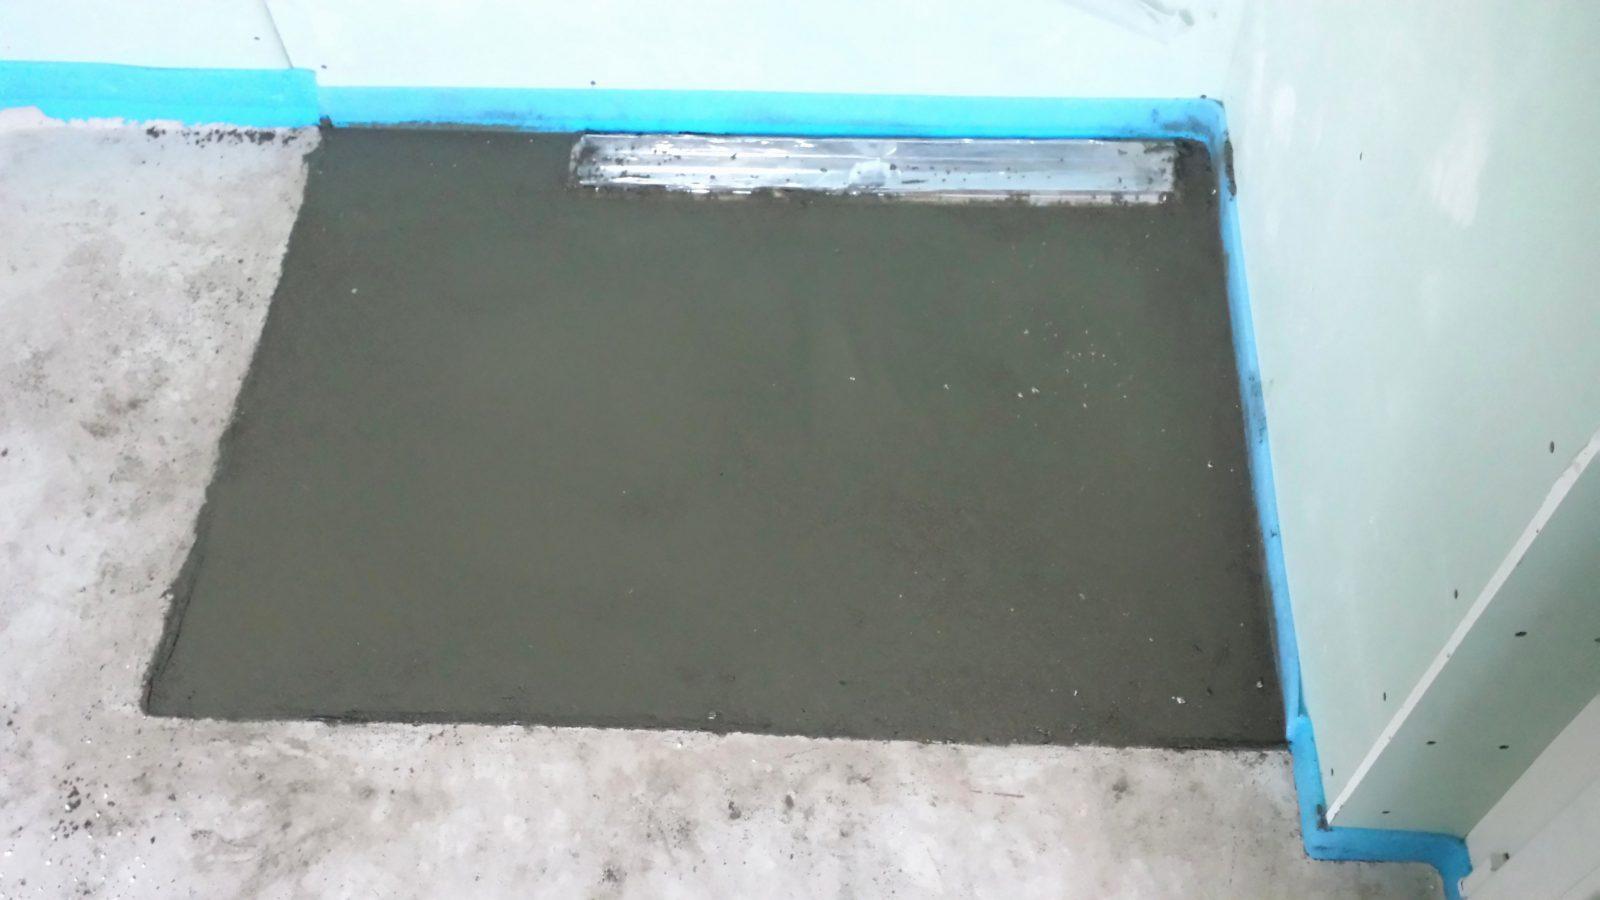 Bodengleiche Dusche Einbauen Estrich Frisch Bodengleiche Dusche von Bodengleiche Dusche Einbauen Estrich Photo